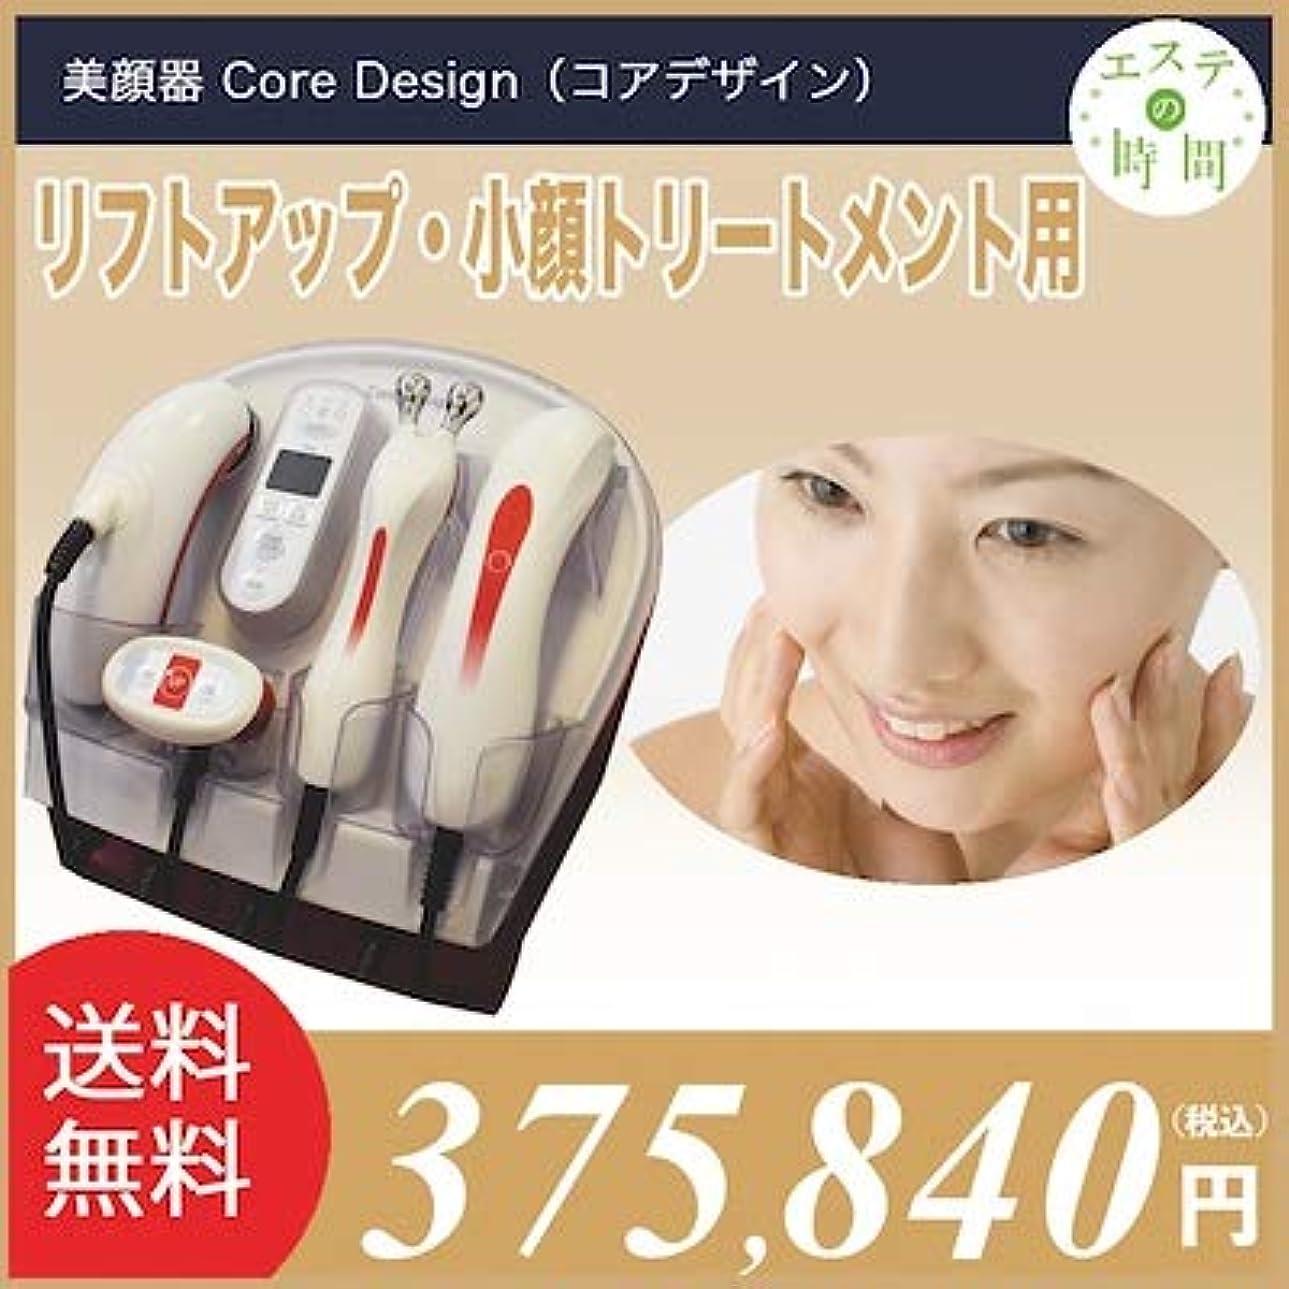 ツイン持っている去る日本製 エステ業務用 美顔器 Core Design (コアデザイン)/ 全国どこでも無償納品研修付